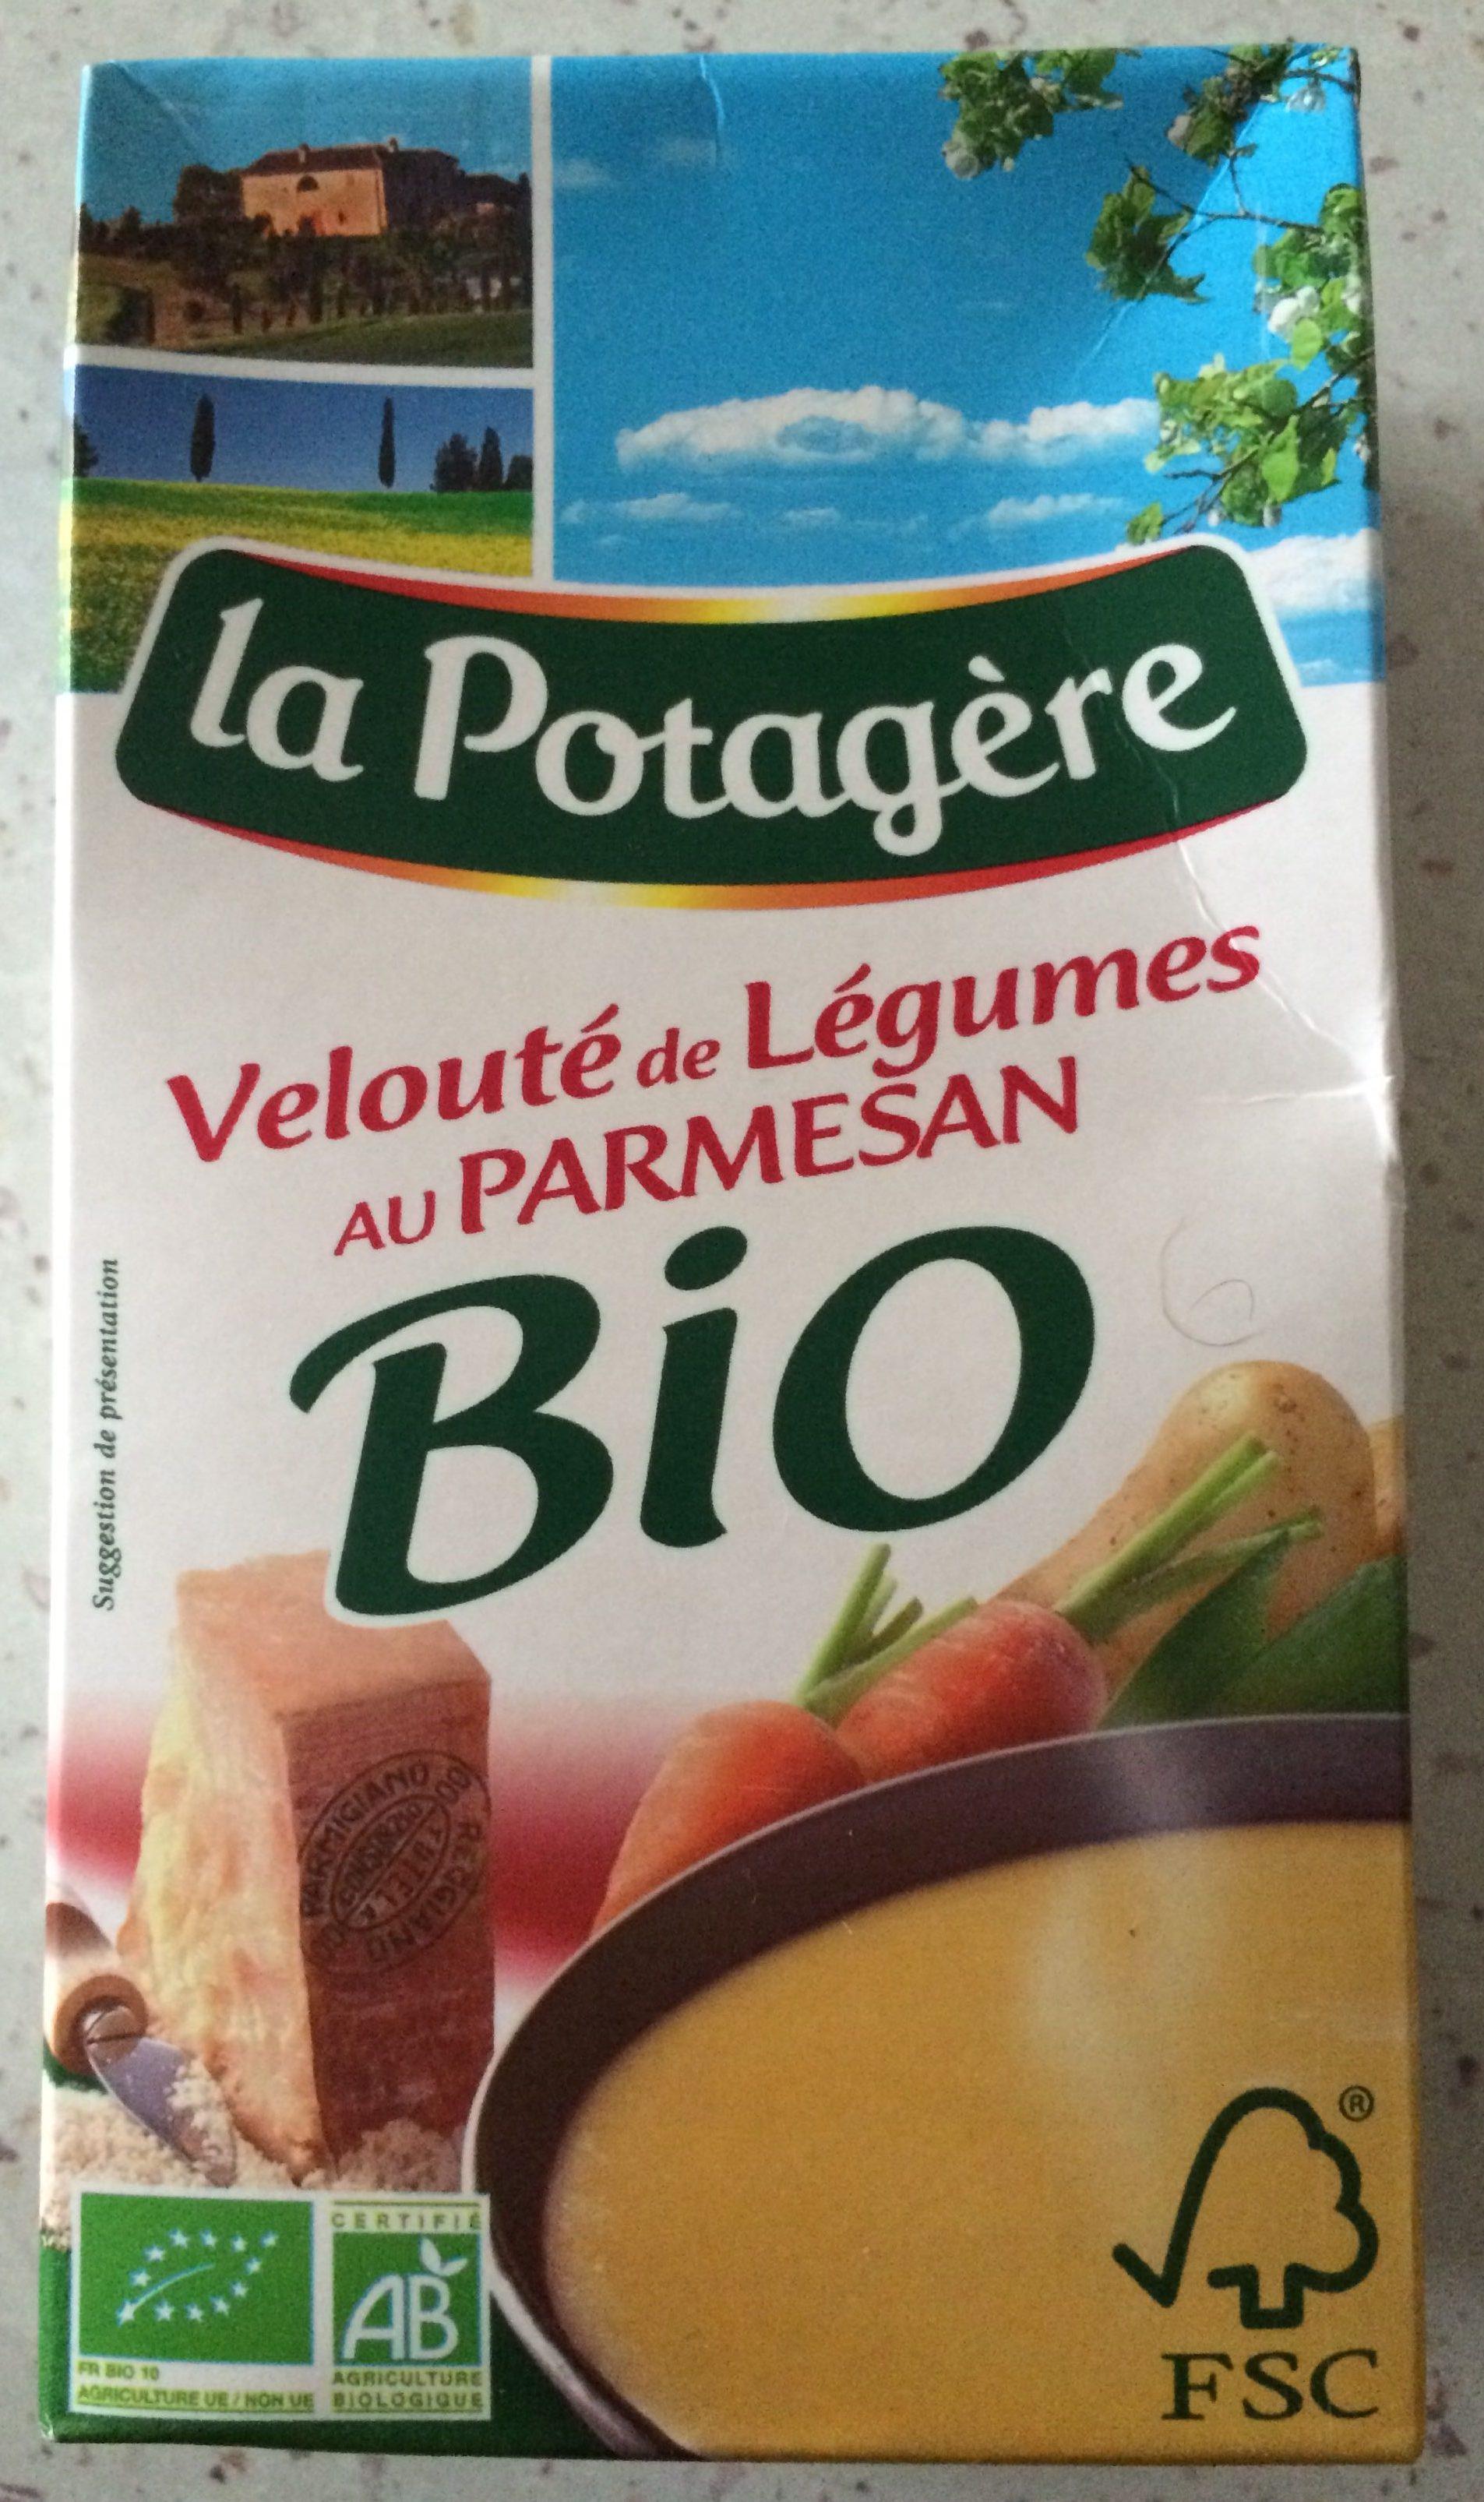 Velouté de legumes au parmesan Bio - Produit - fr